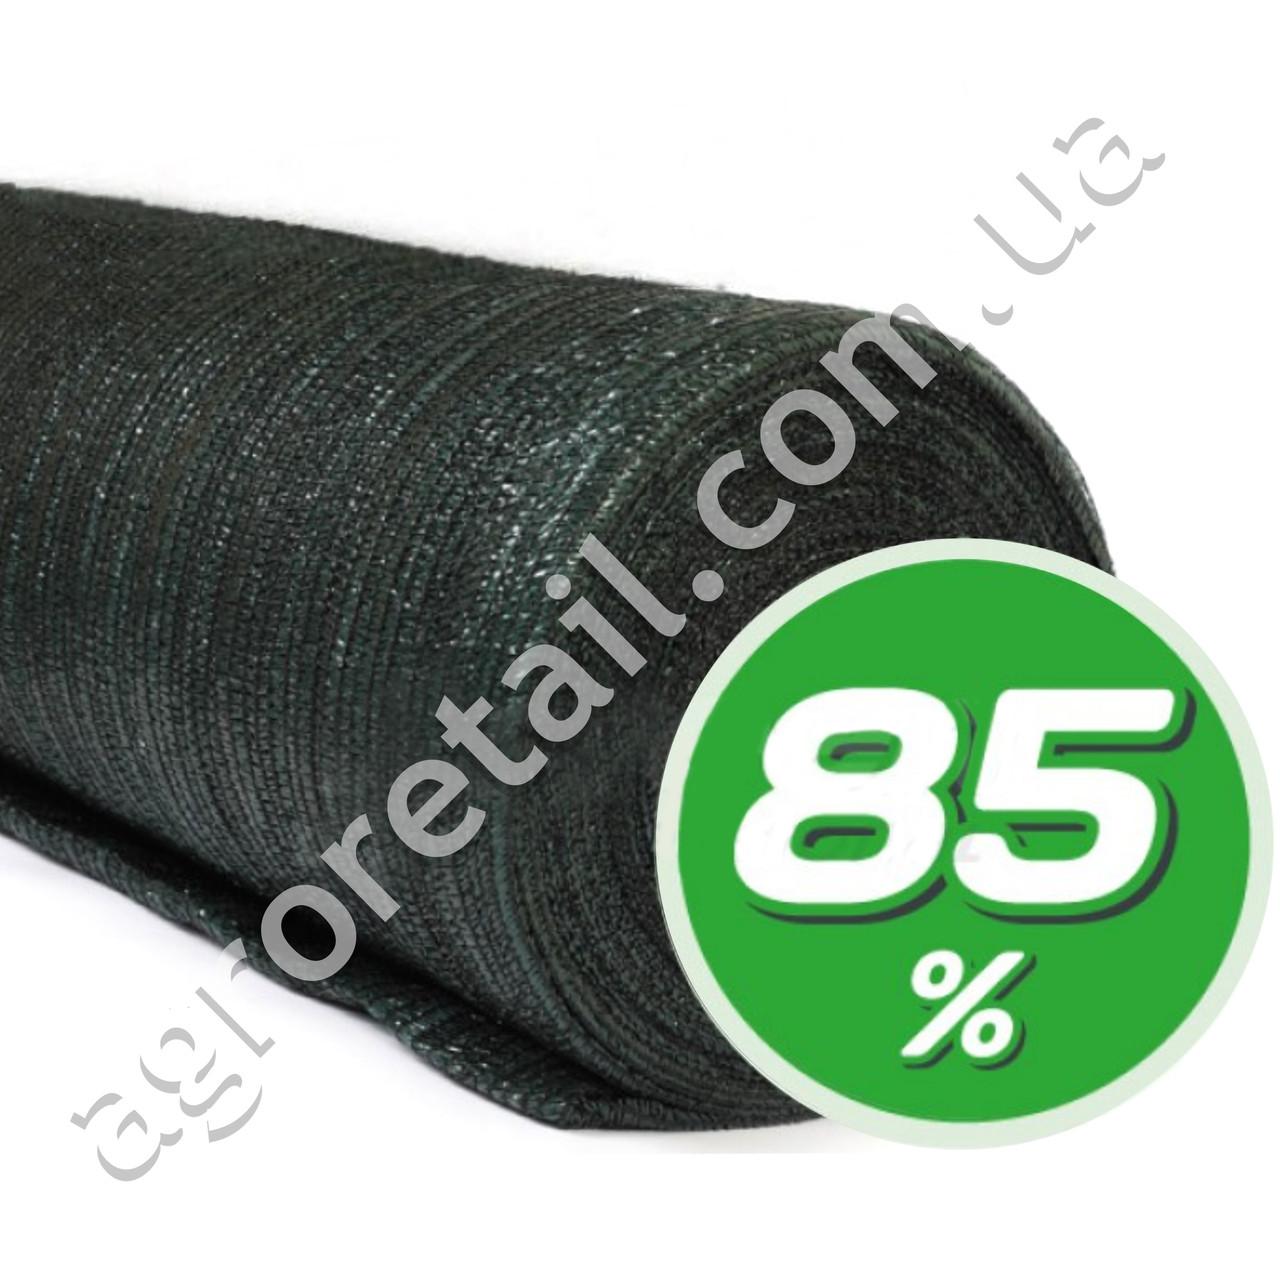 Затеняющая сетка зеленая 85% тени 3х50 м